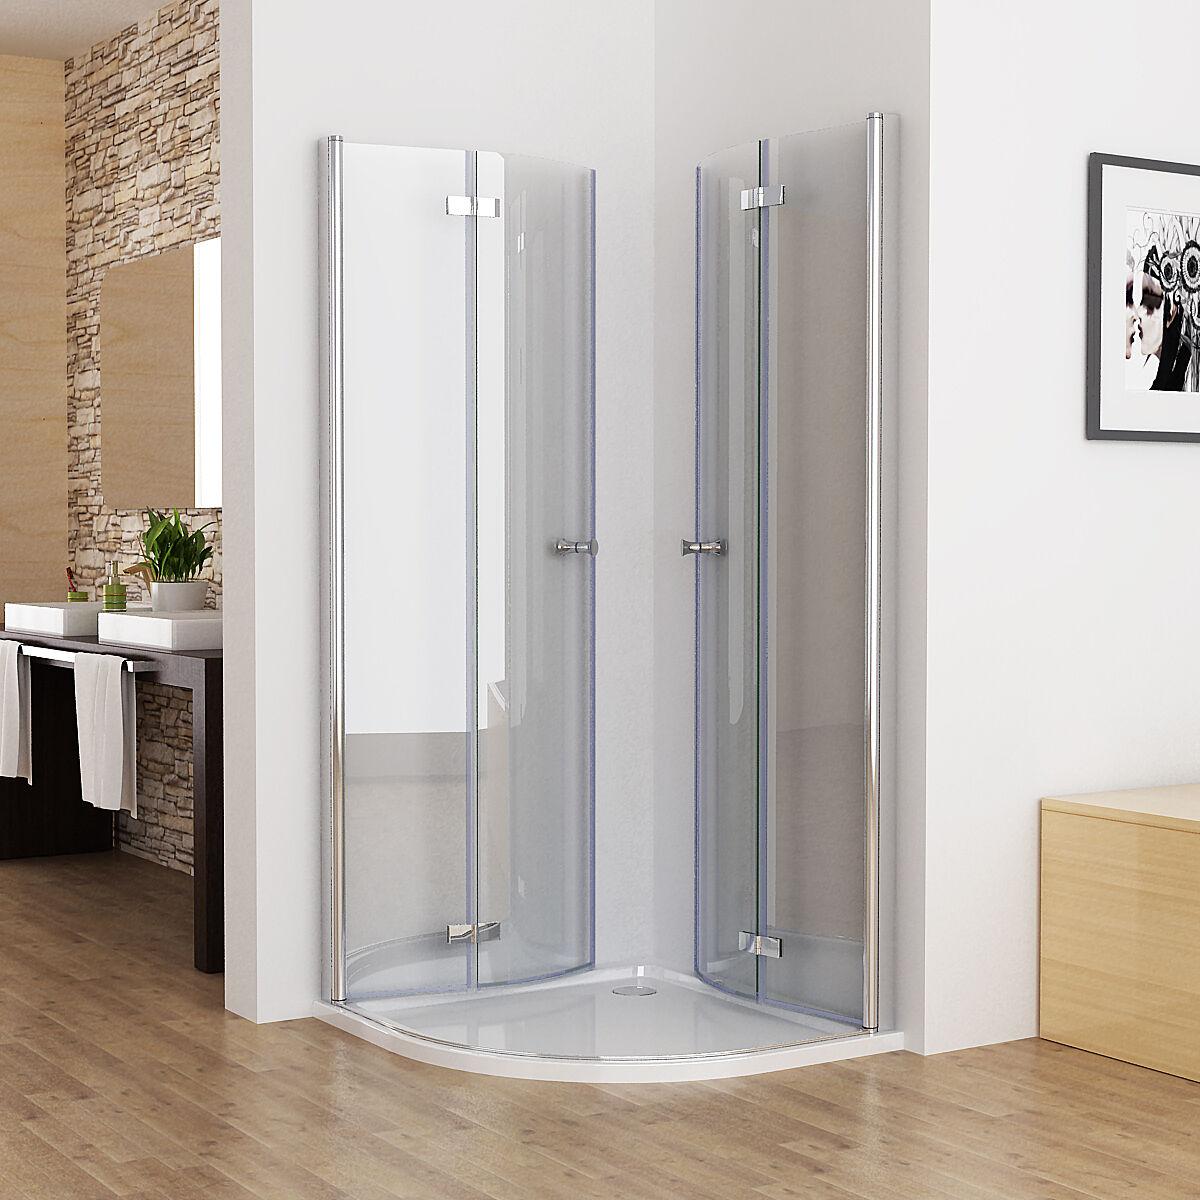 duschkabine runddusche duschabtrennung echtglas viertelkreis faltt r 80x80 90x90. Black Bedroom Furniture Sets. Home Design Ideas